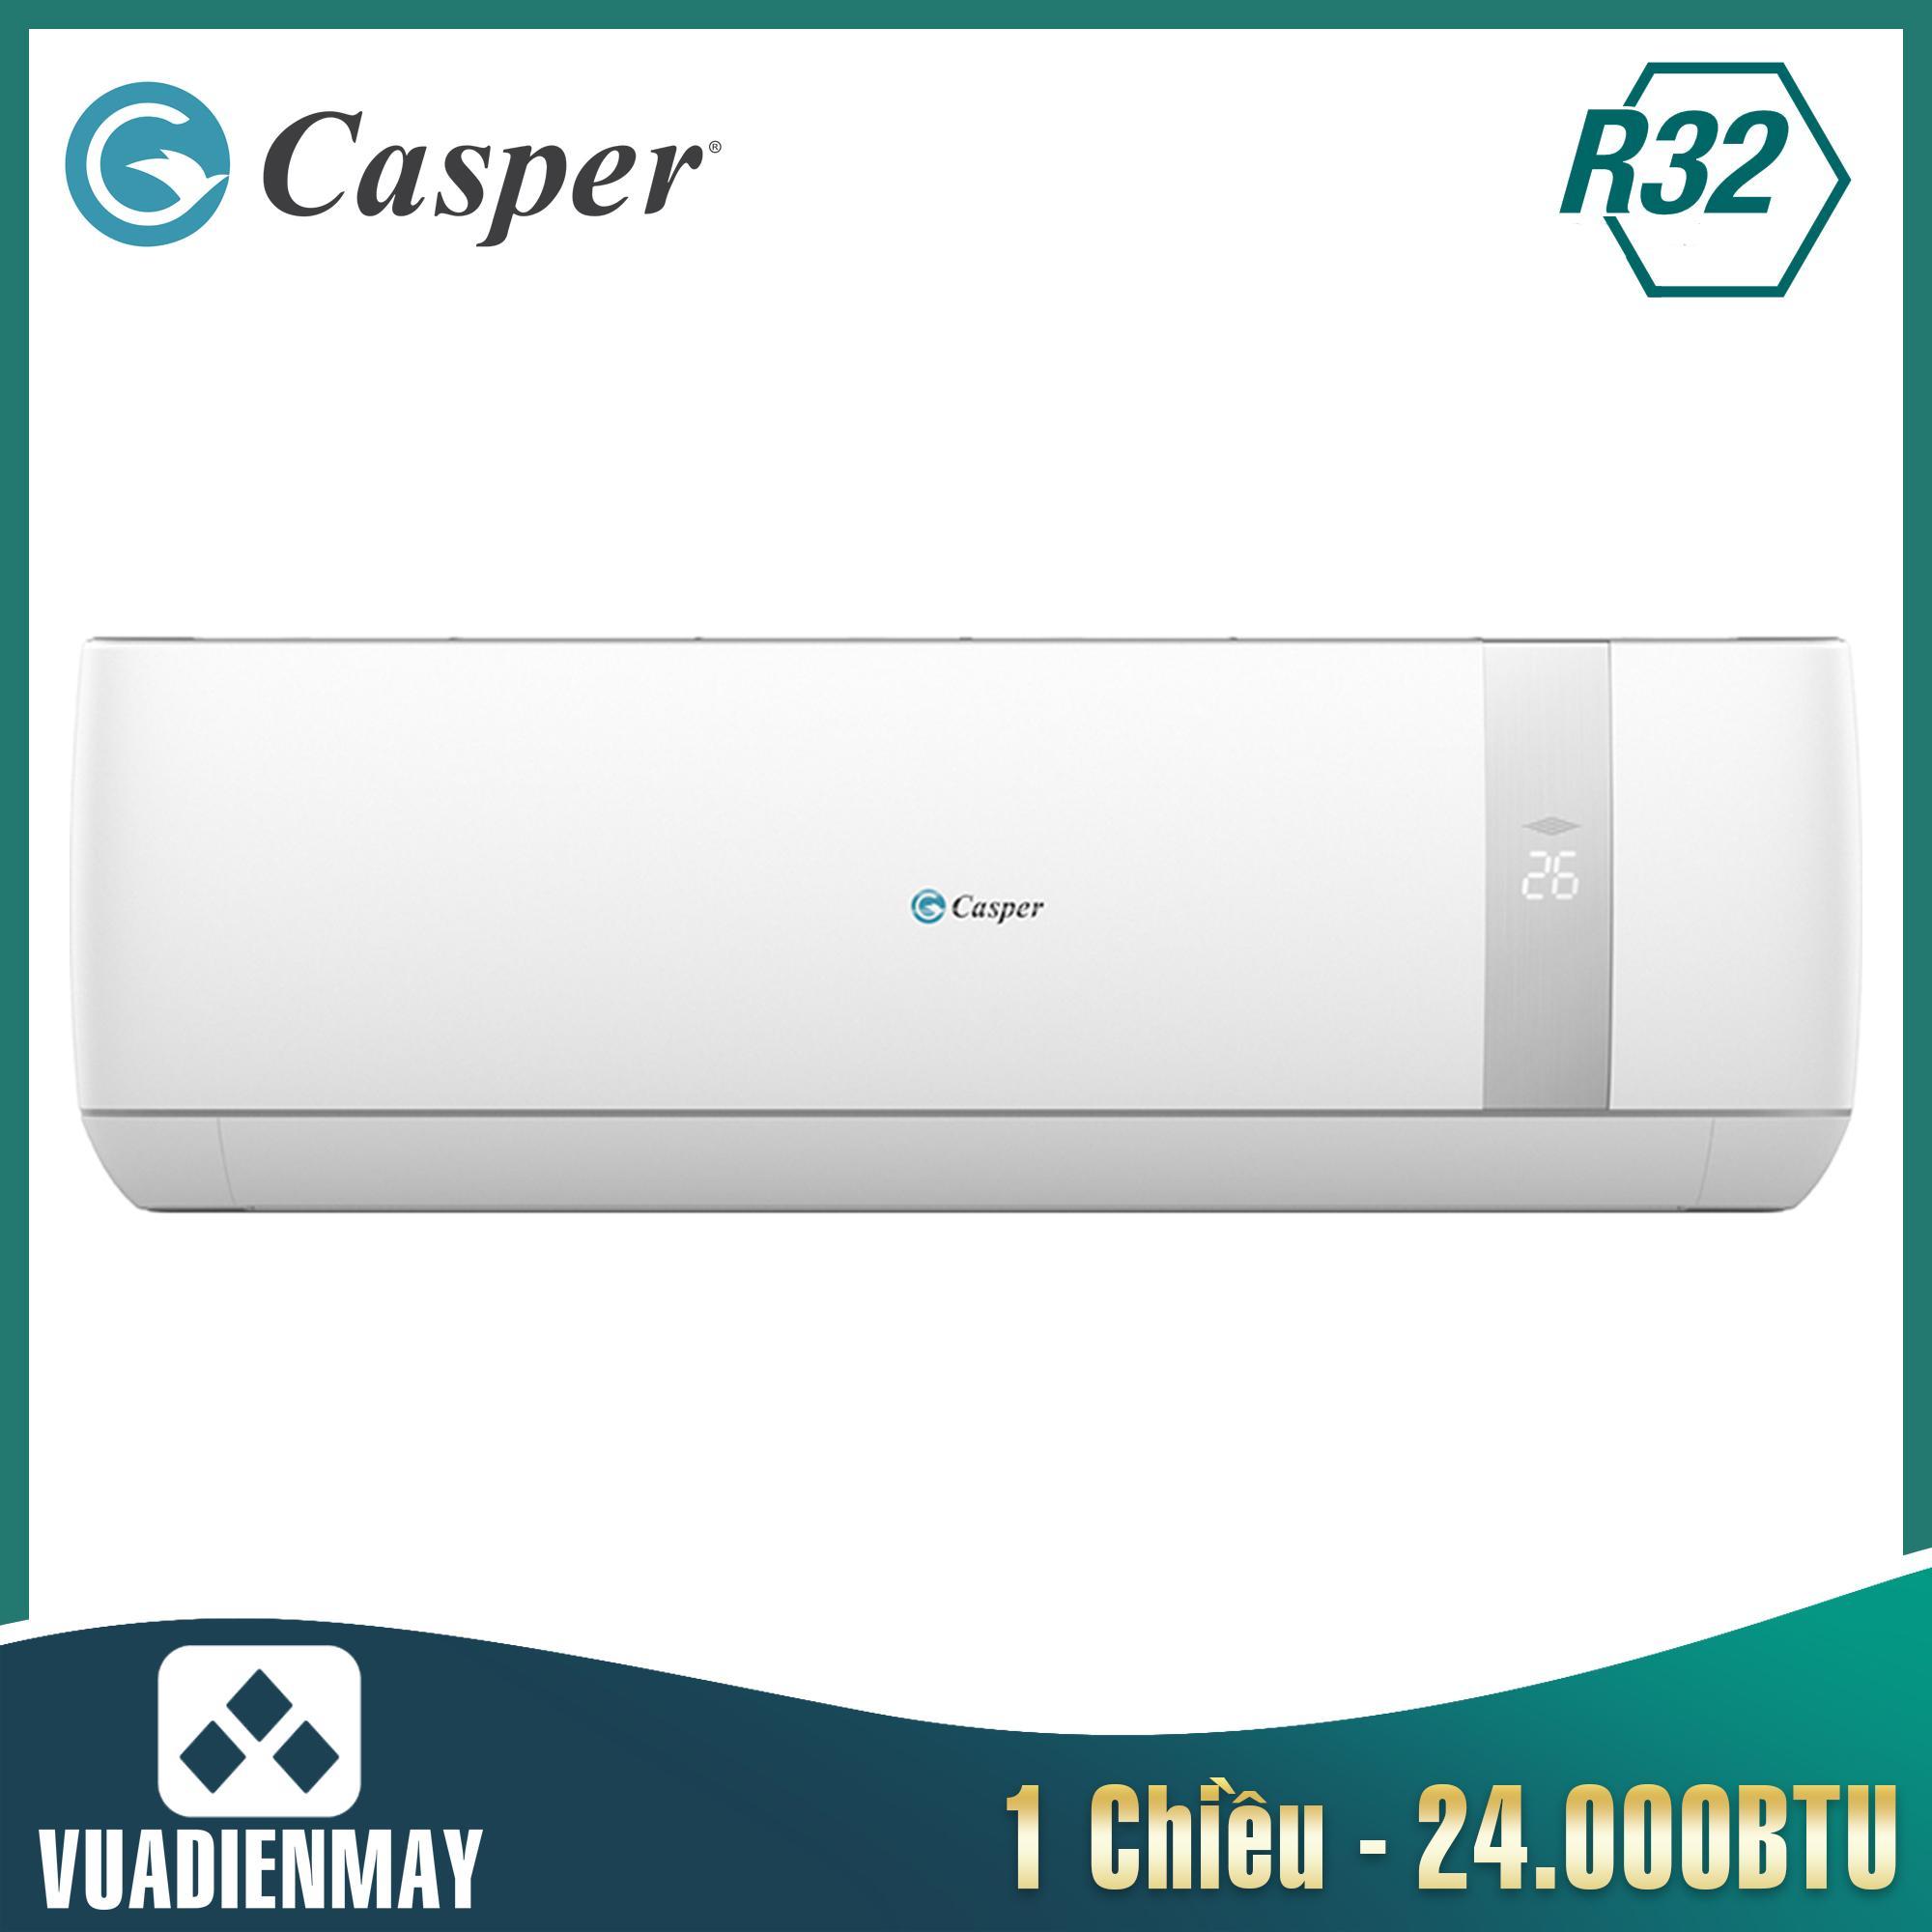 SC24TL32, Điều hòa Casper 24000BTU 1 chiều